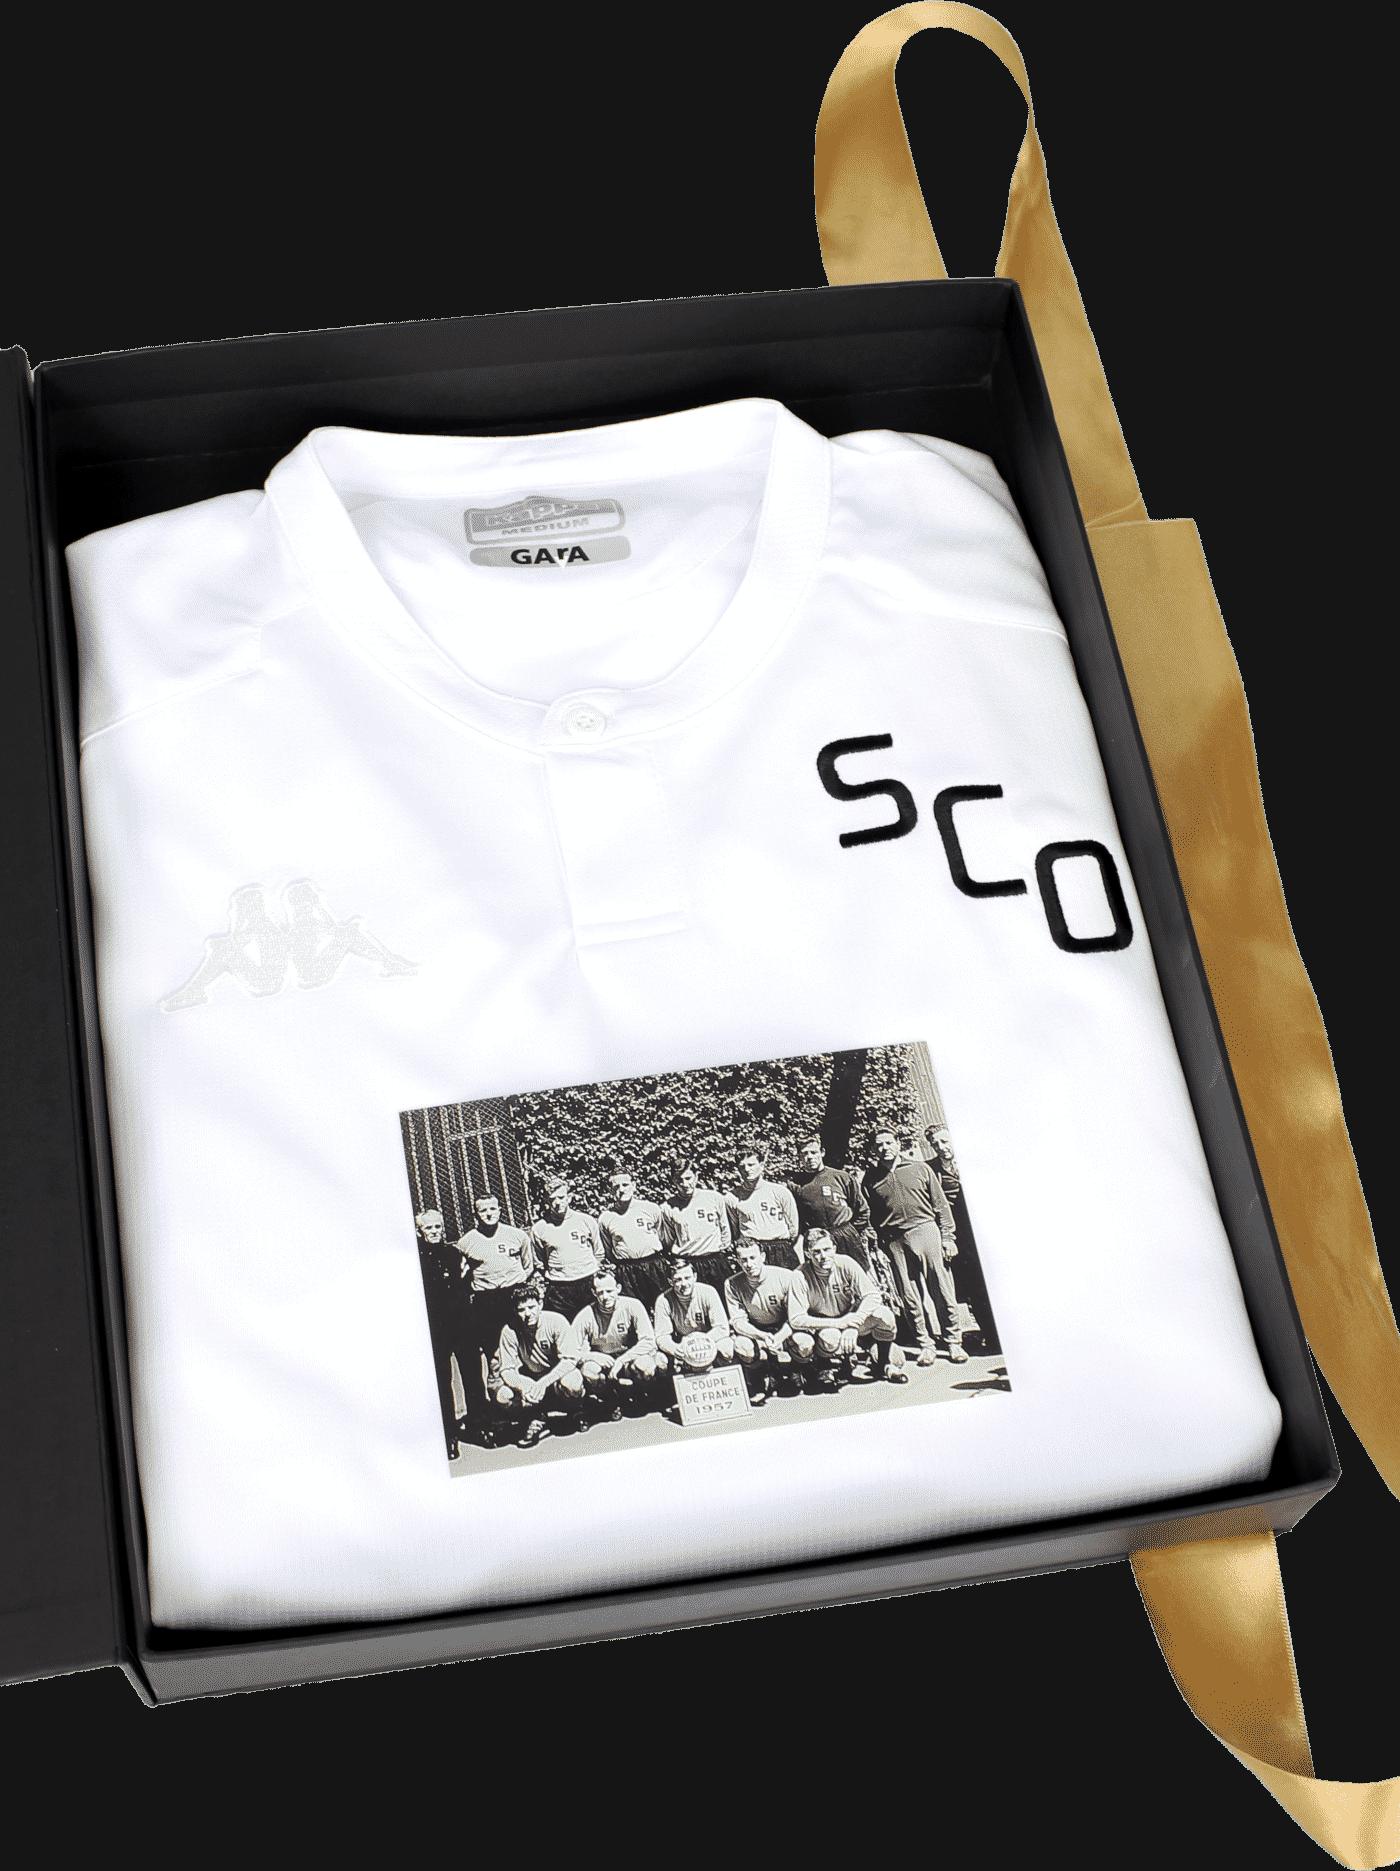 maillot-sco-angers-centenaire-kappa-3